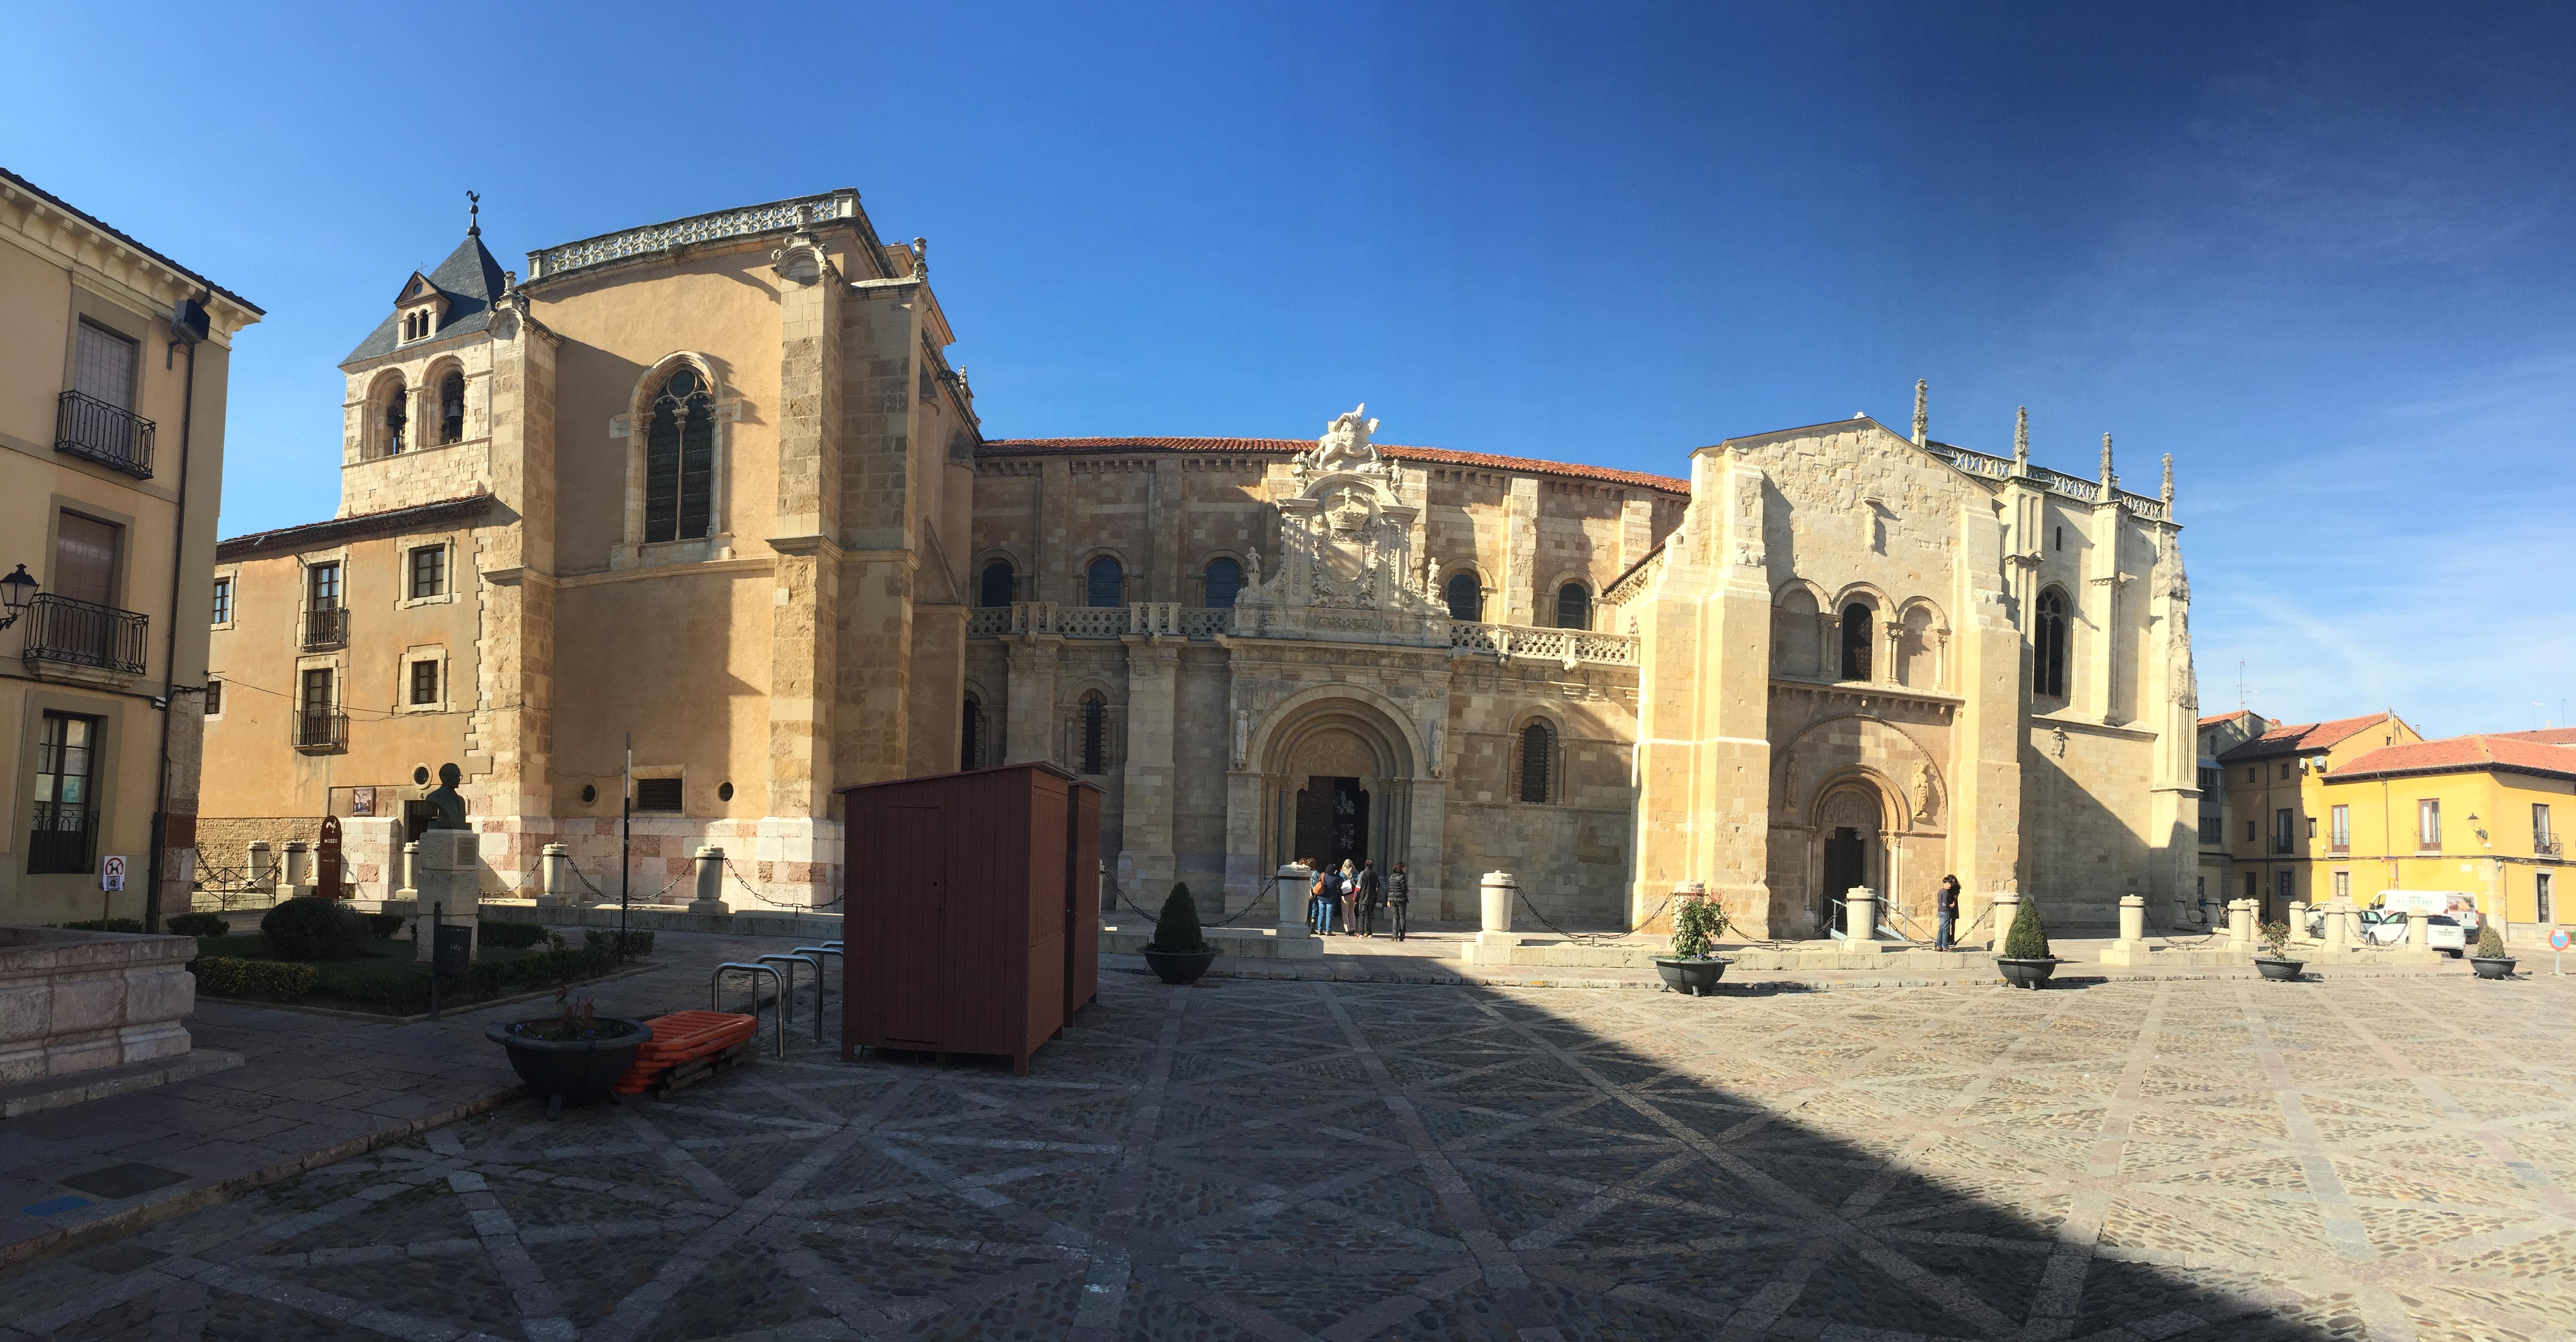 Fachada de la Basílica de San Isidor de León con Amigos y Arte